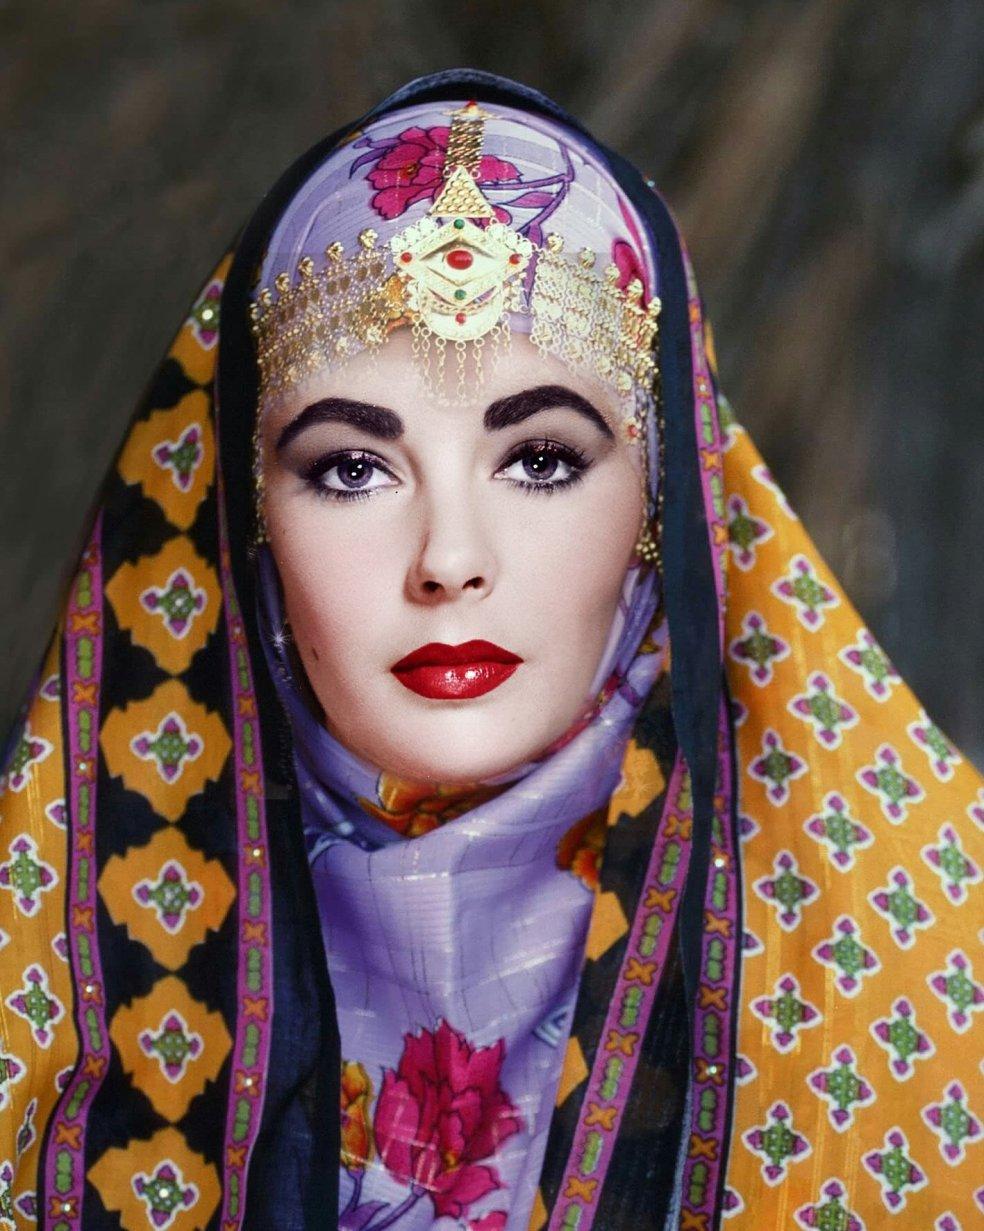 Kostis Grivakis - Omani Elizabeth Taylor collage